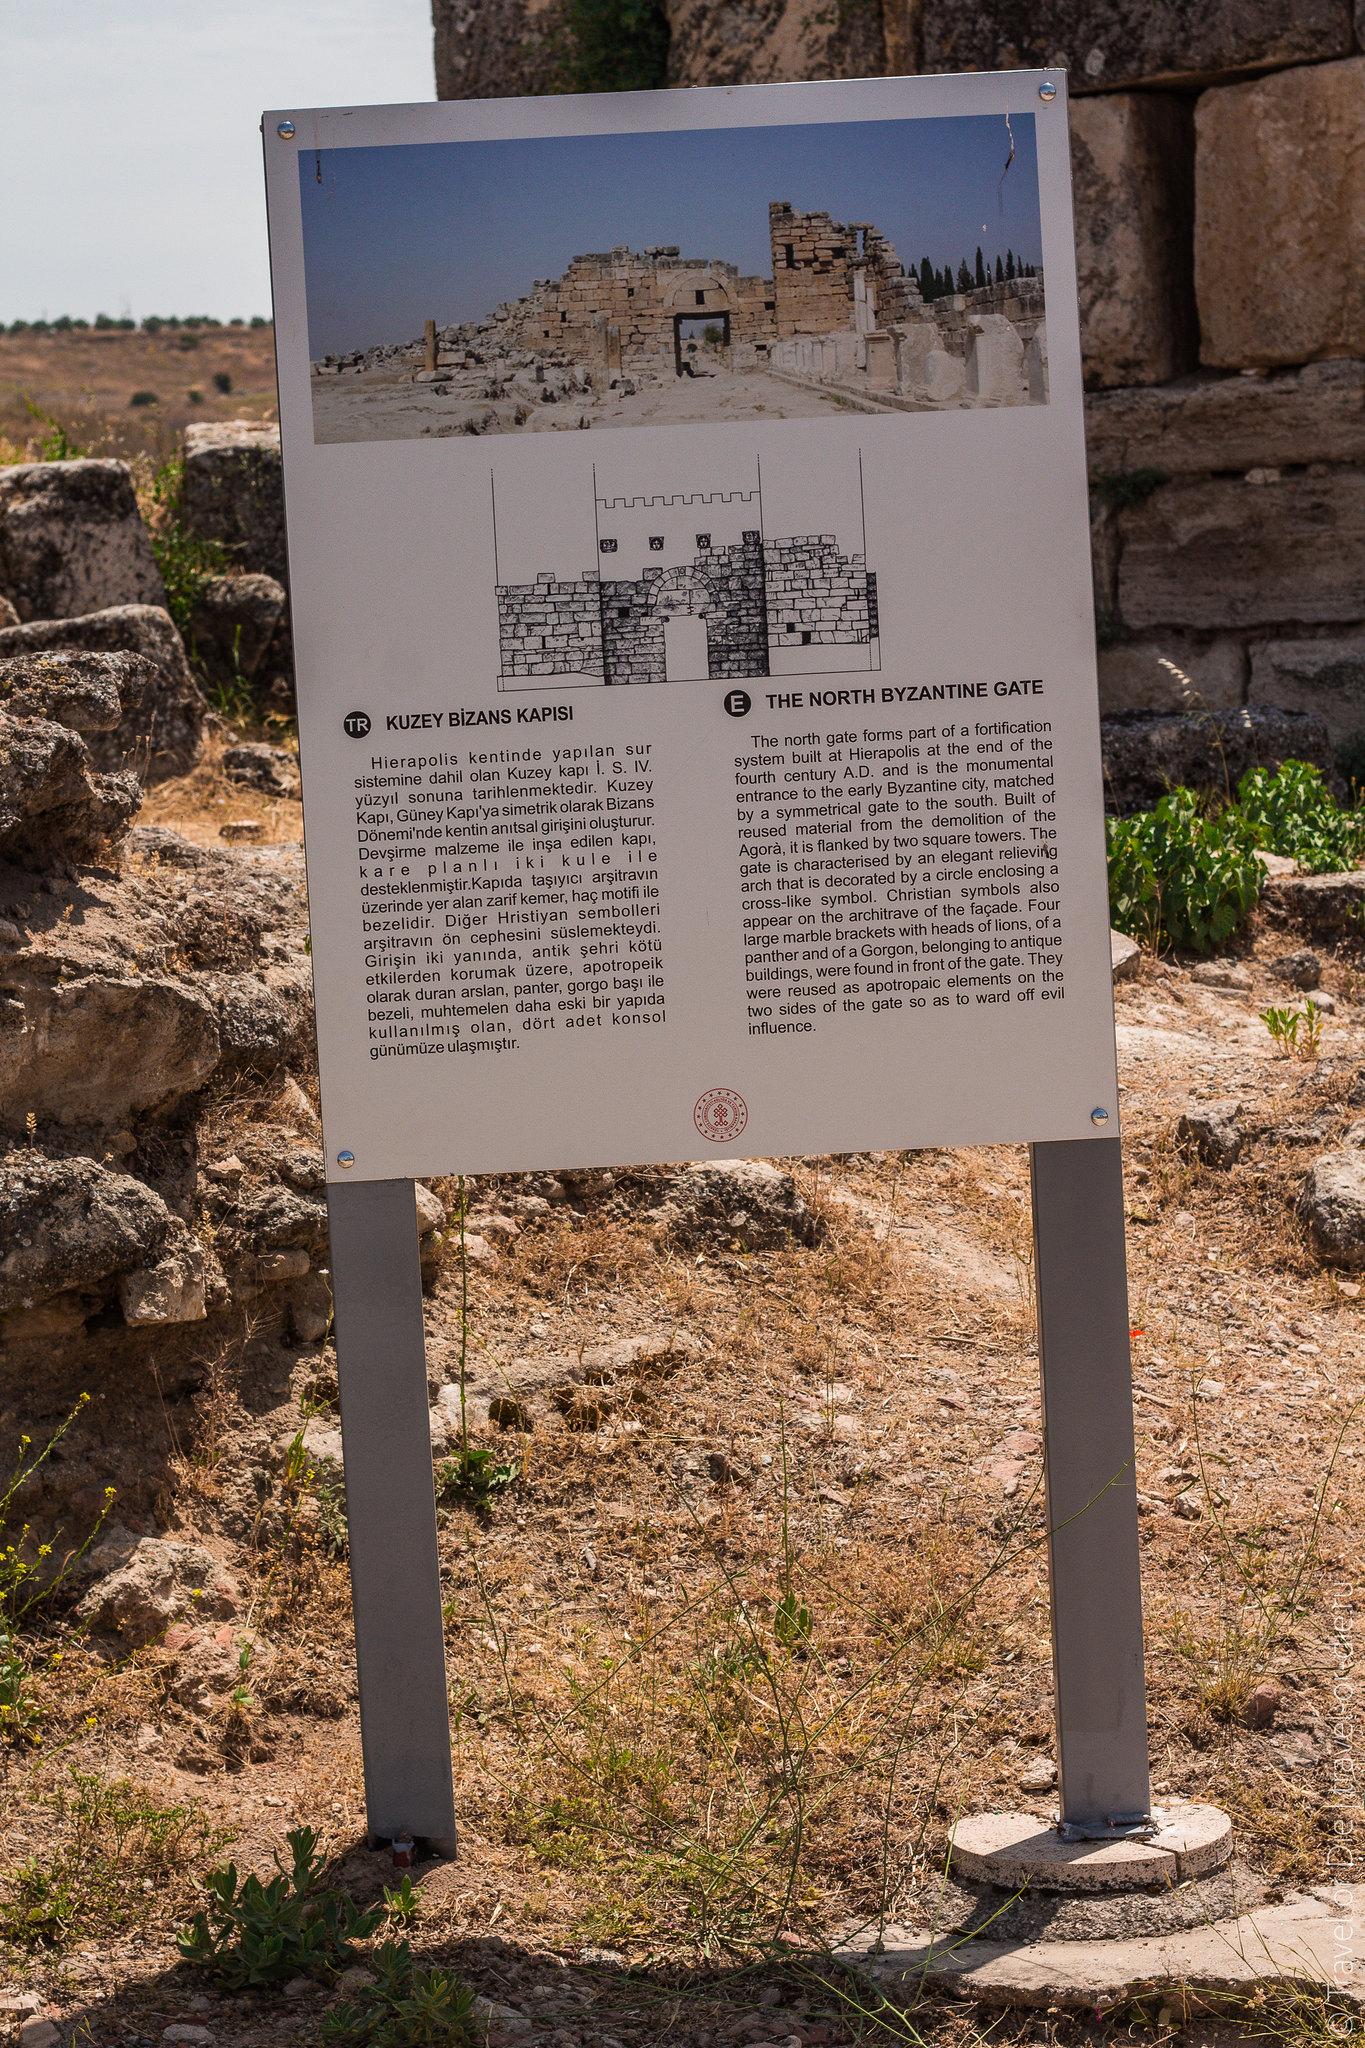 Ancient-City-Hierapolis-Turkey-5413